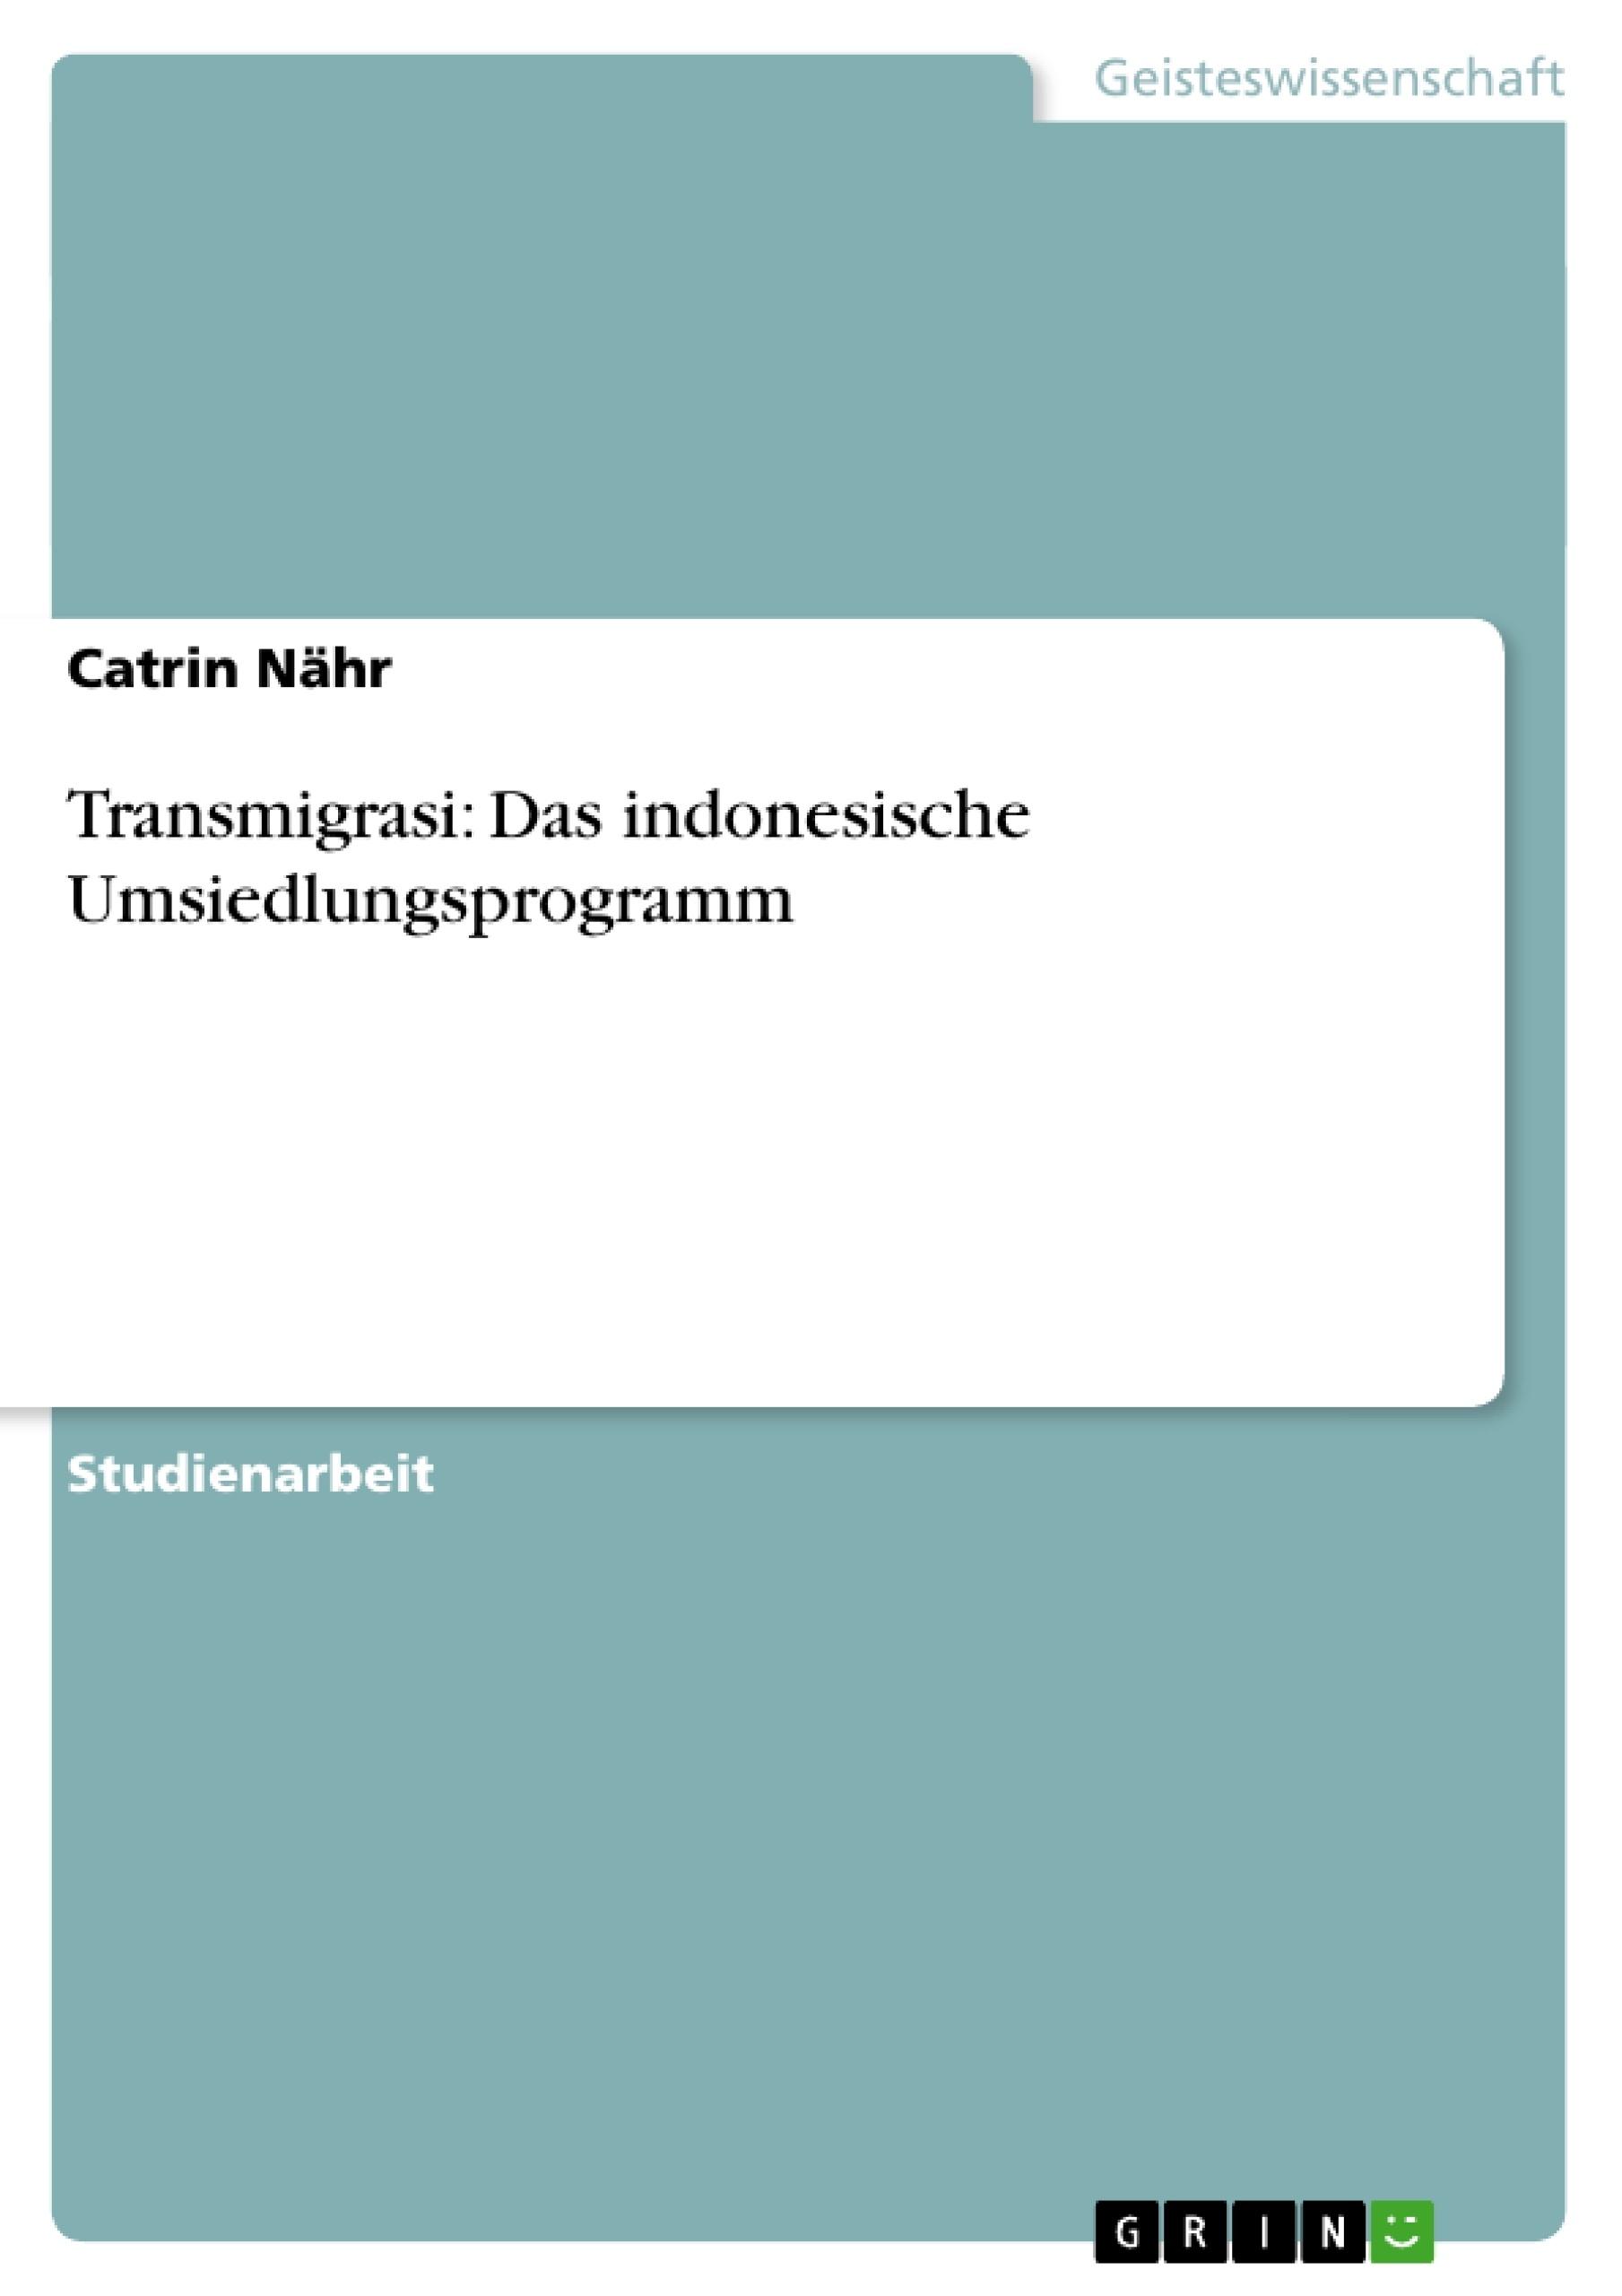 Titel: Transmigrasi: Das indonesische Umsiedlungsprogramm